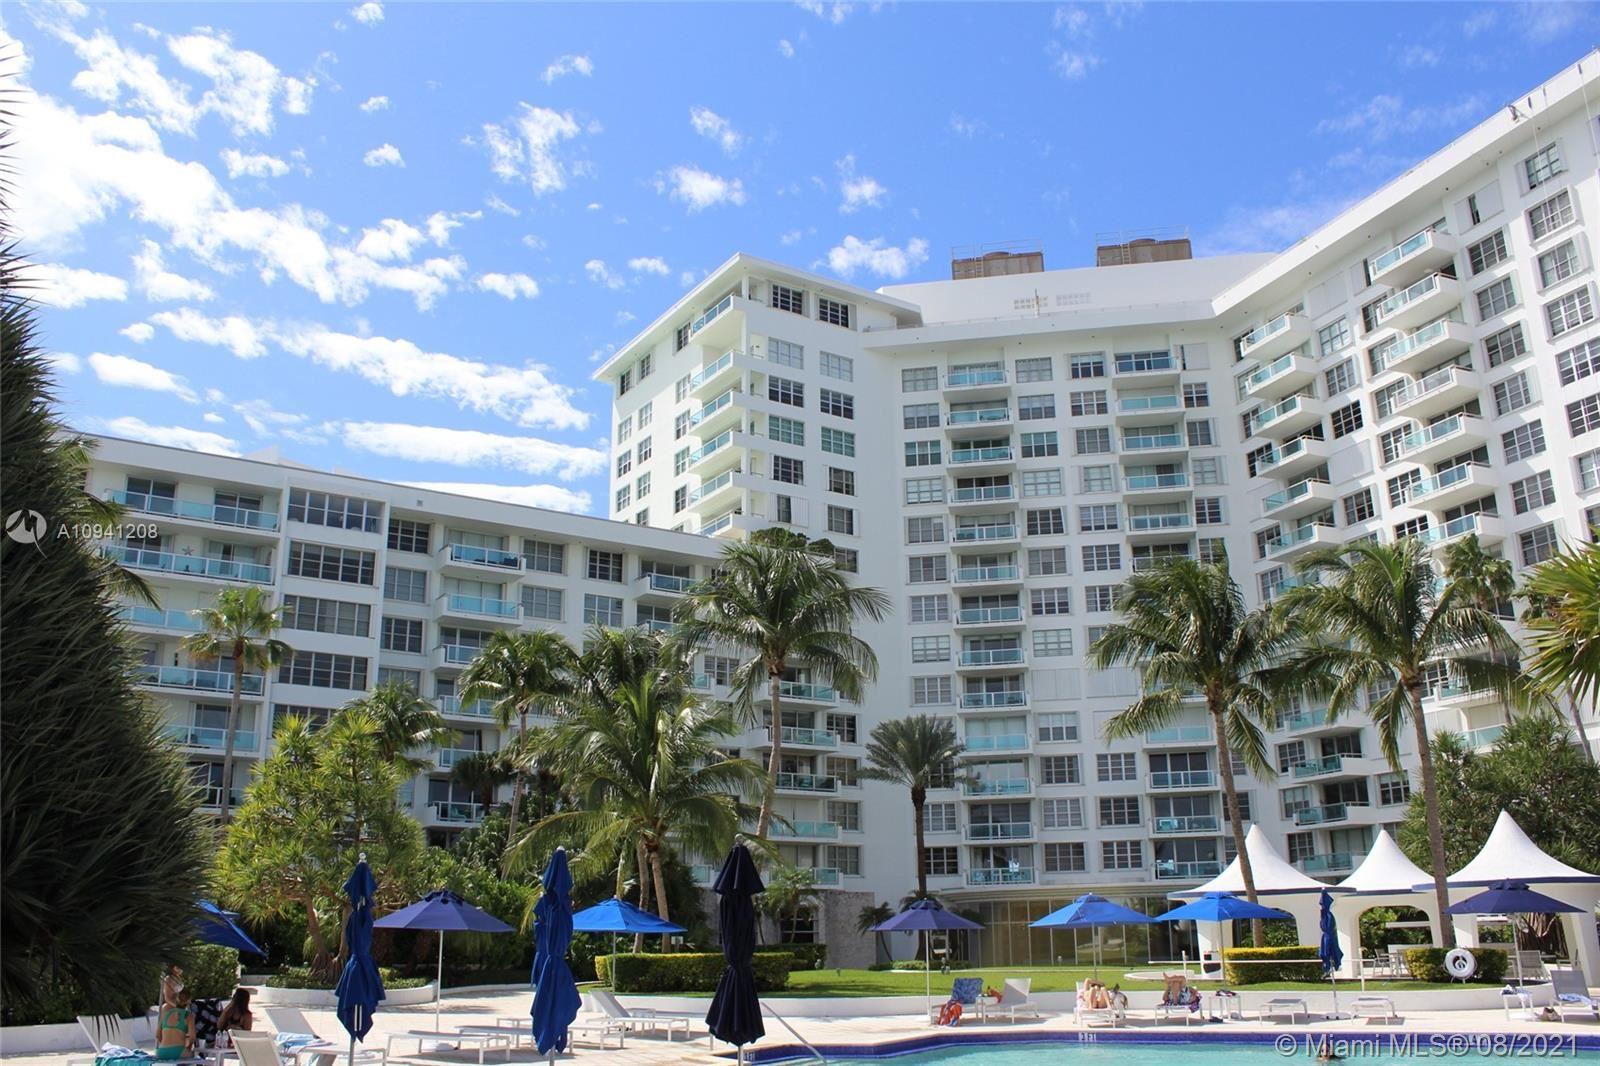 5161 Collins Ave #1402, Miami Beach, FL 33140 - #: A10941208